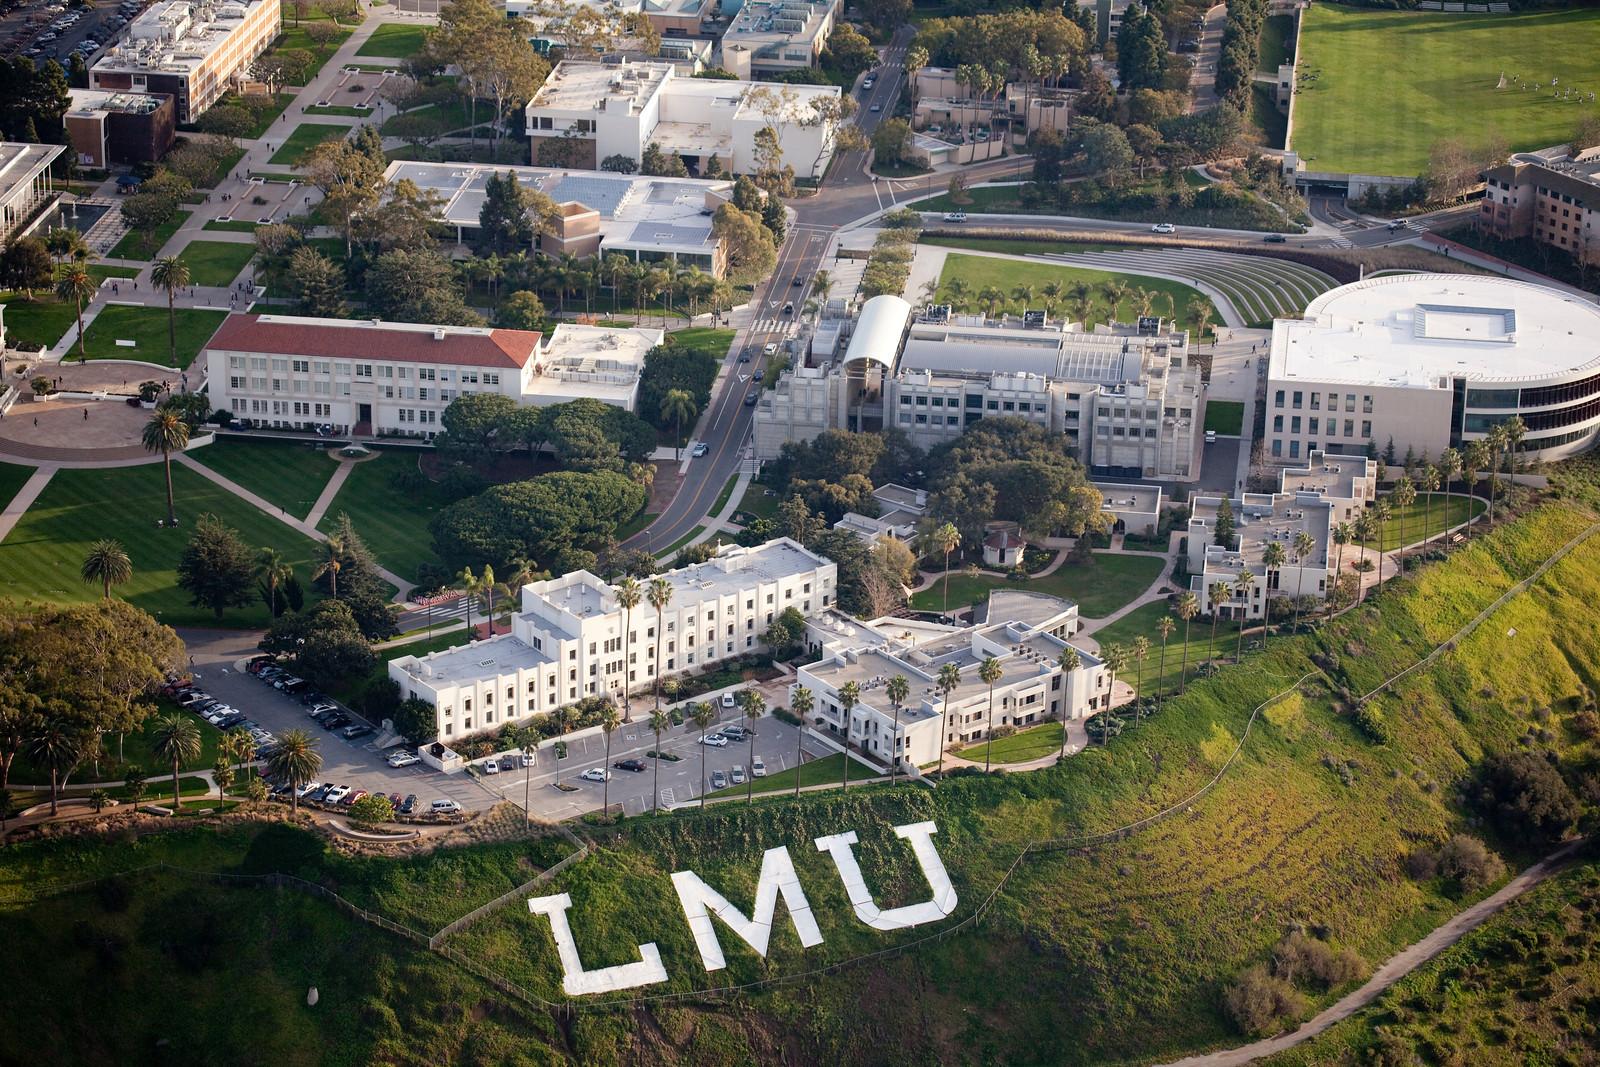 Los angeles Các trường cao đẳng và đại học